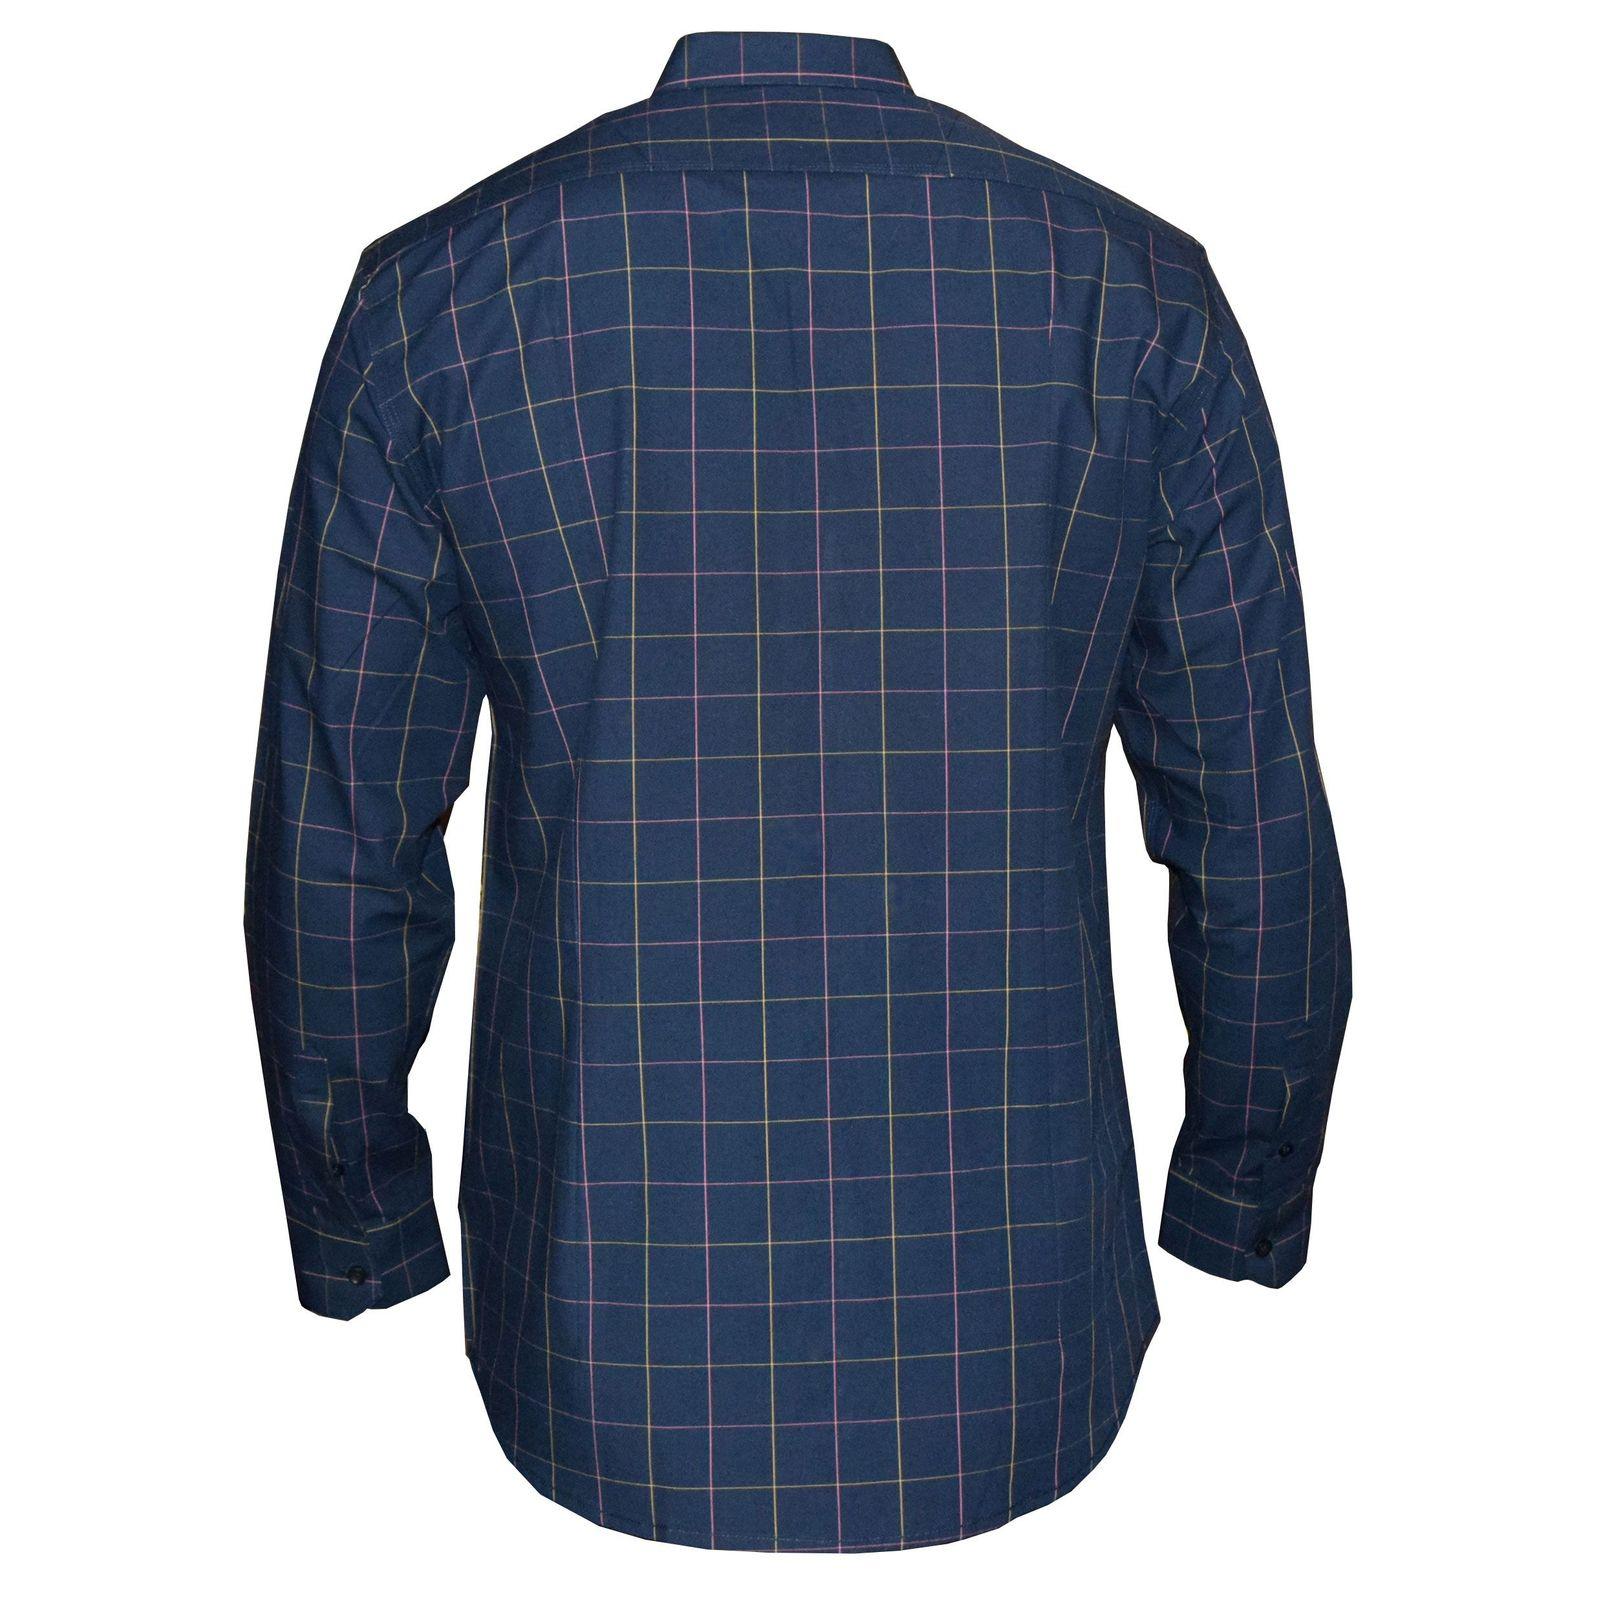 پیراهن مردانه پایتی جامه کد 1908047 main 1 5